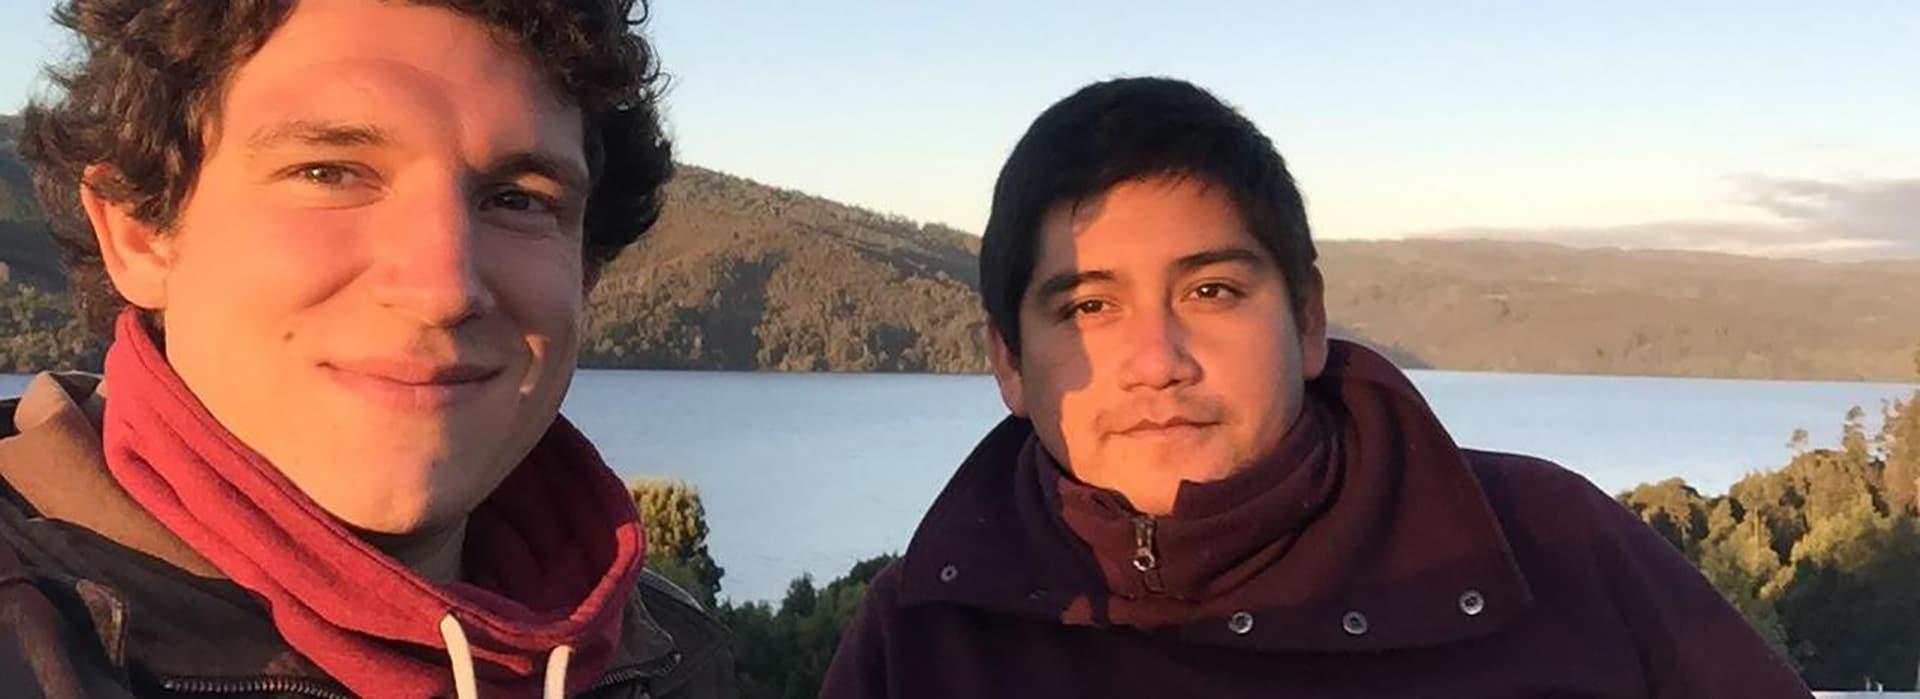 hote mapuche au chili